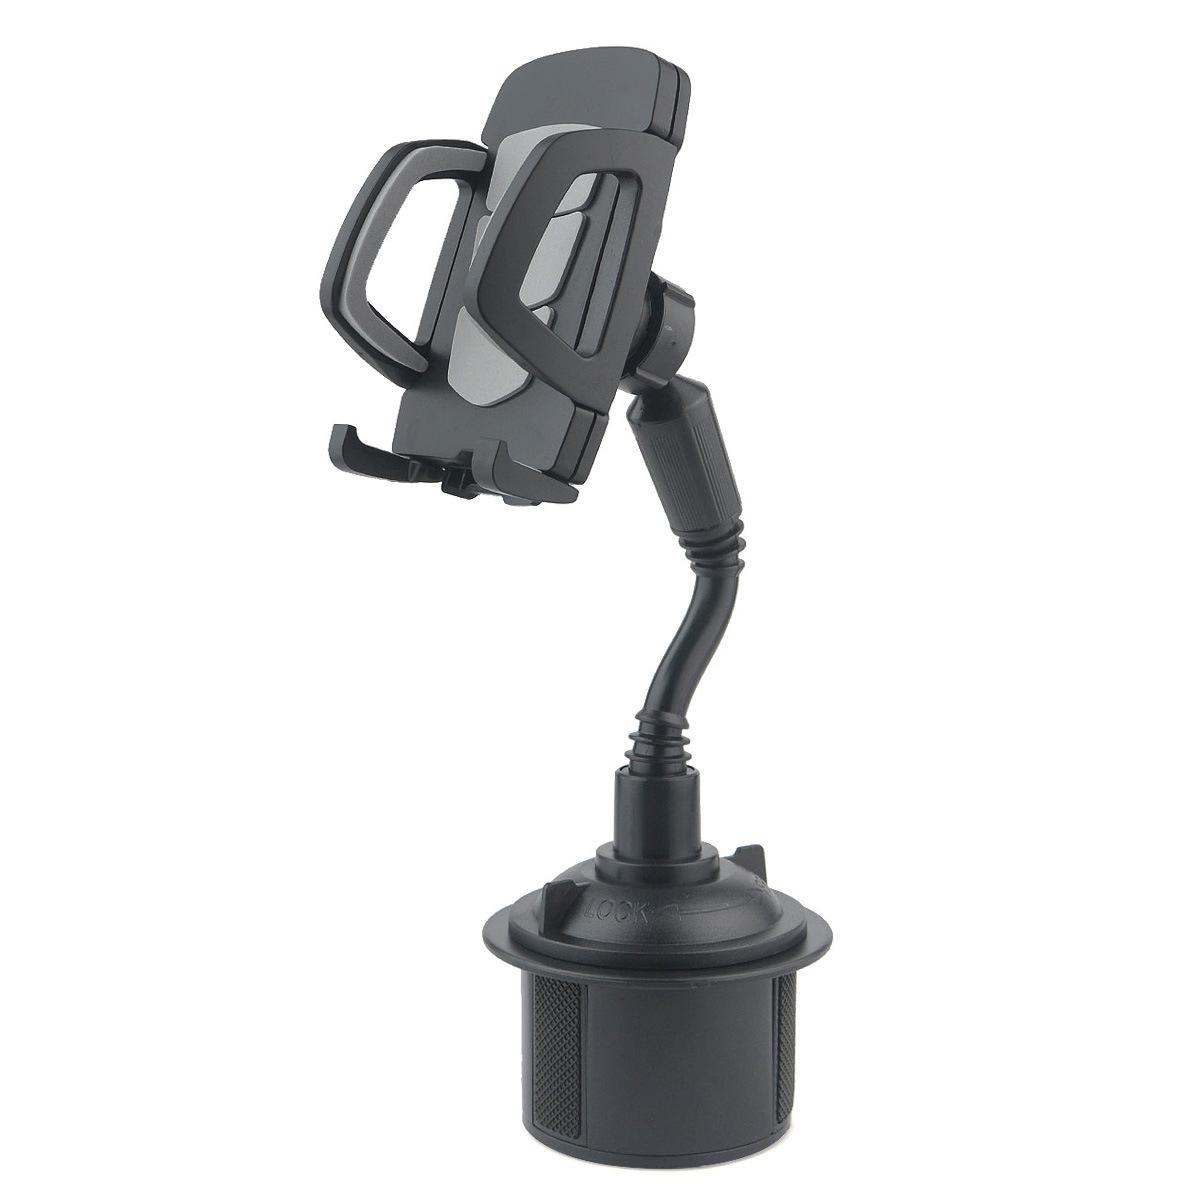 MS Short car water cup holder mobile phone holder instrument panel mobile phone navigation bracket c